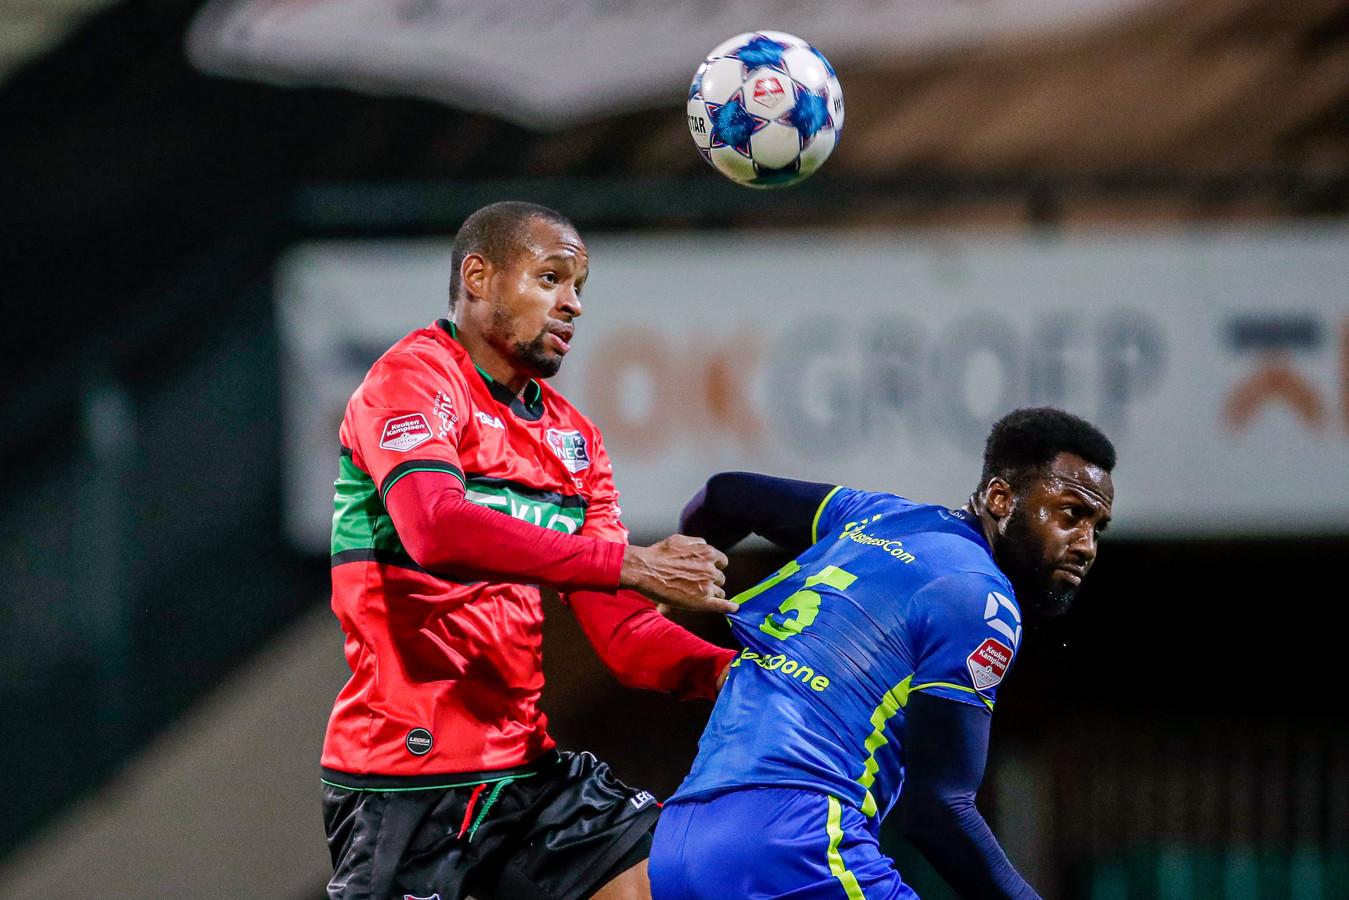 19-12-2020: Voetbal: NEC v TOP Oss: Nijmegen (L-R) Rangelo Janga of NEC , Lorenzo Pique of TOP Oss